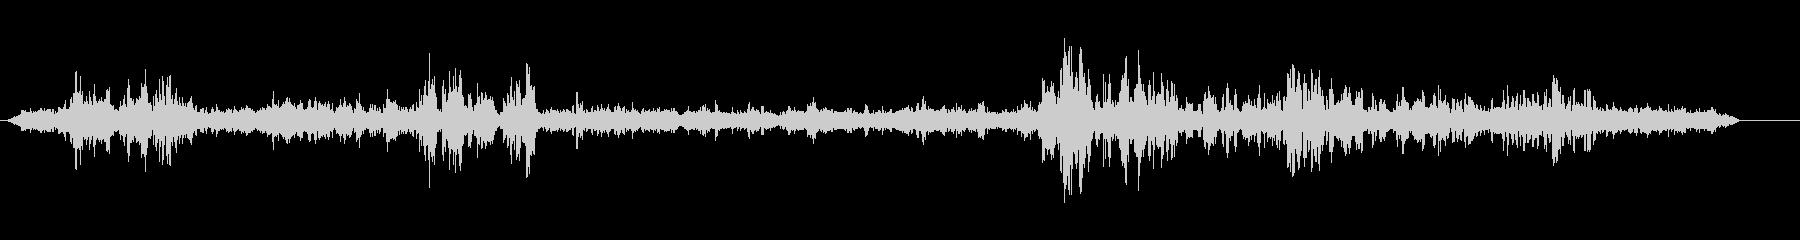 カーバンV8_エレクトリックウィン...の未再生の波形